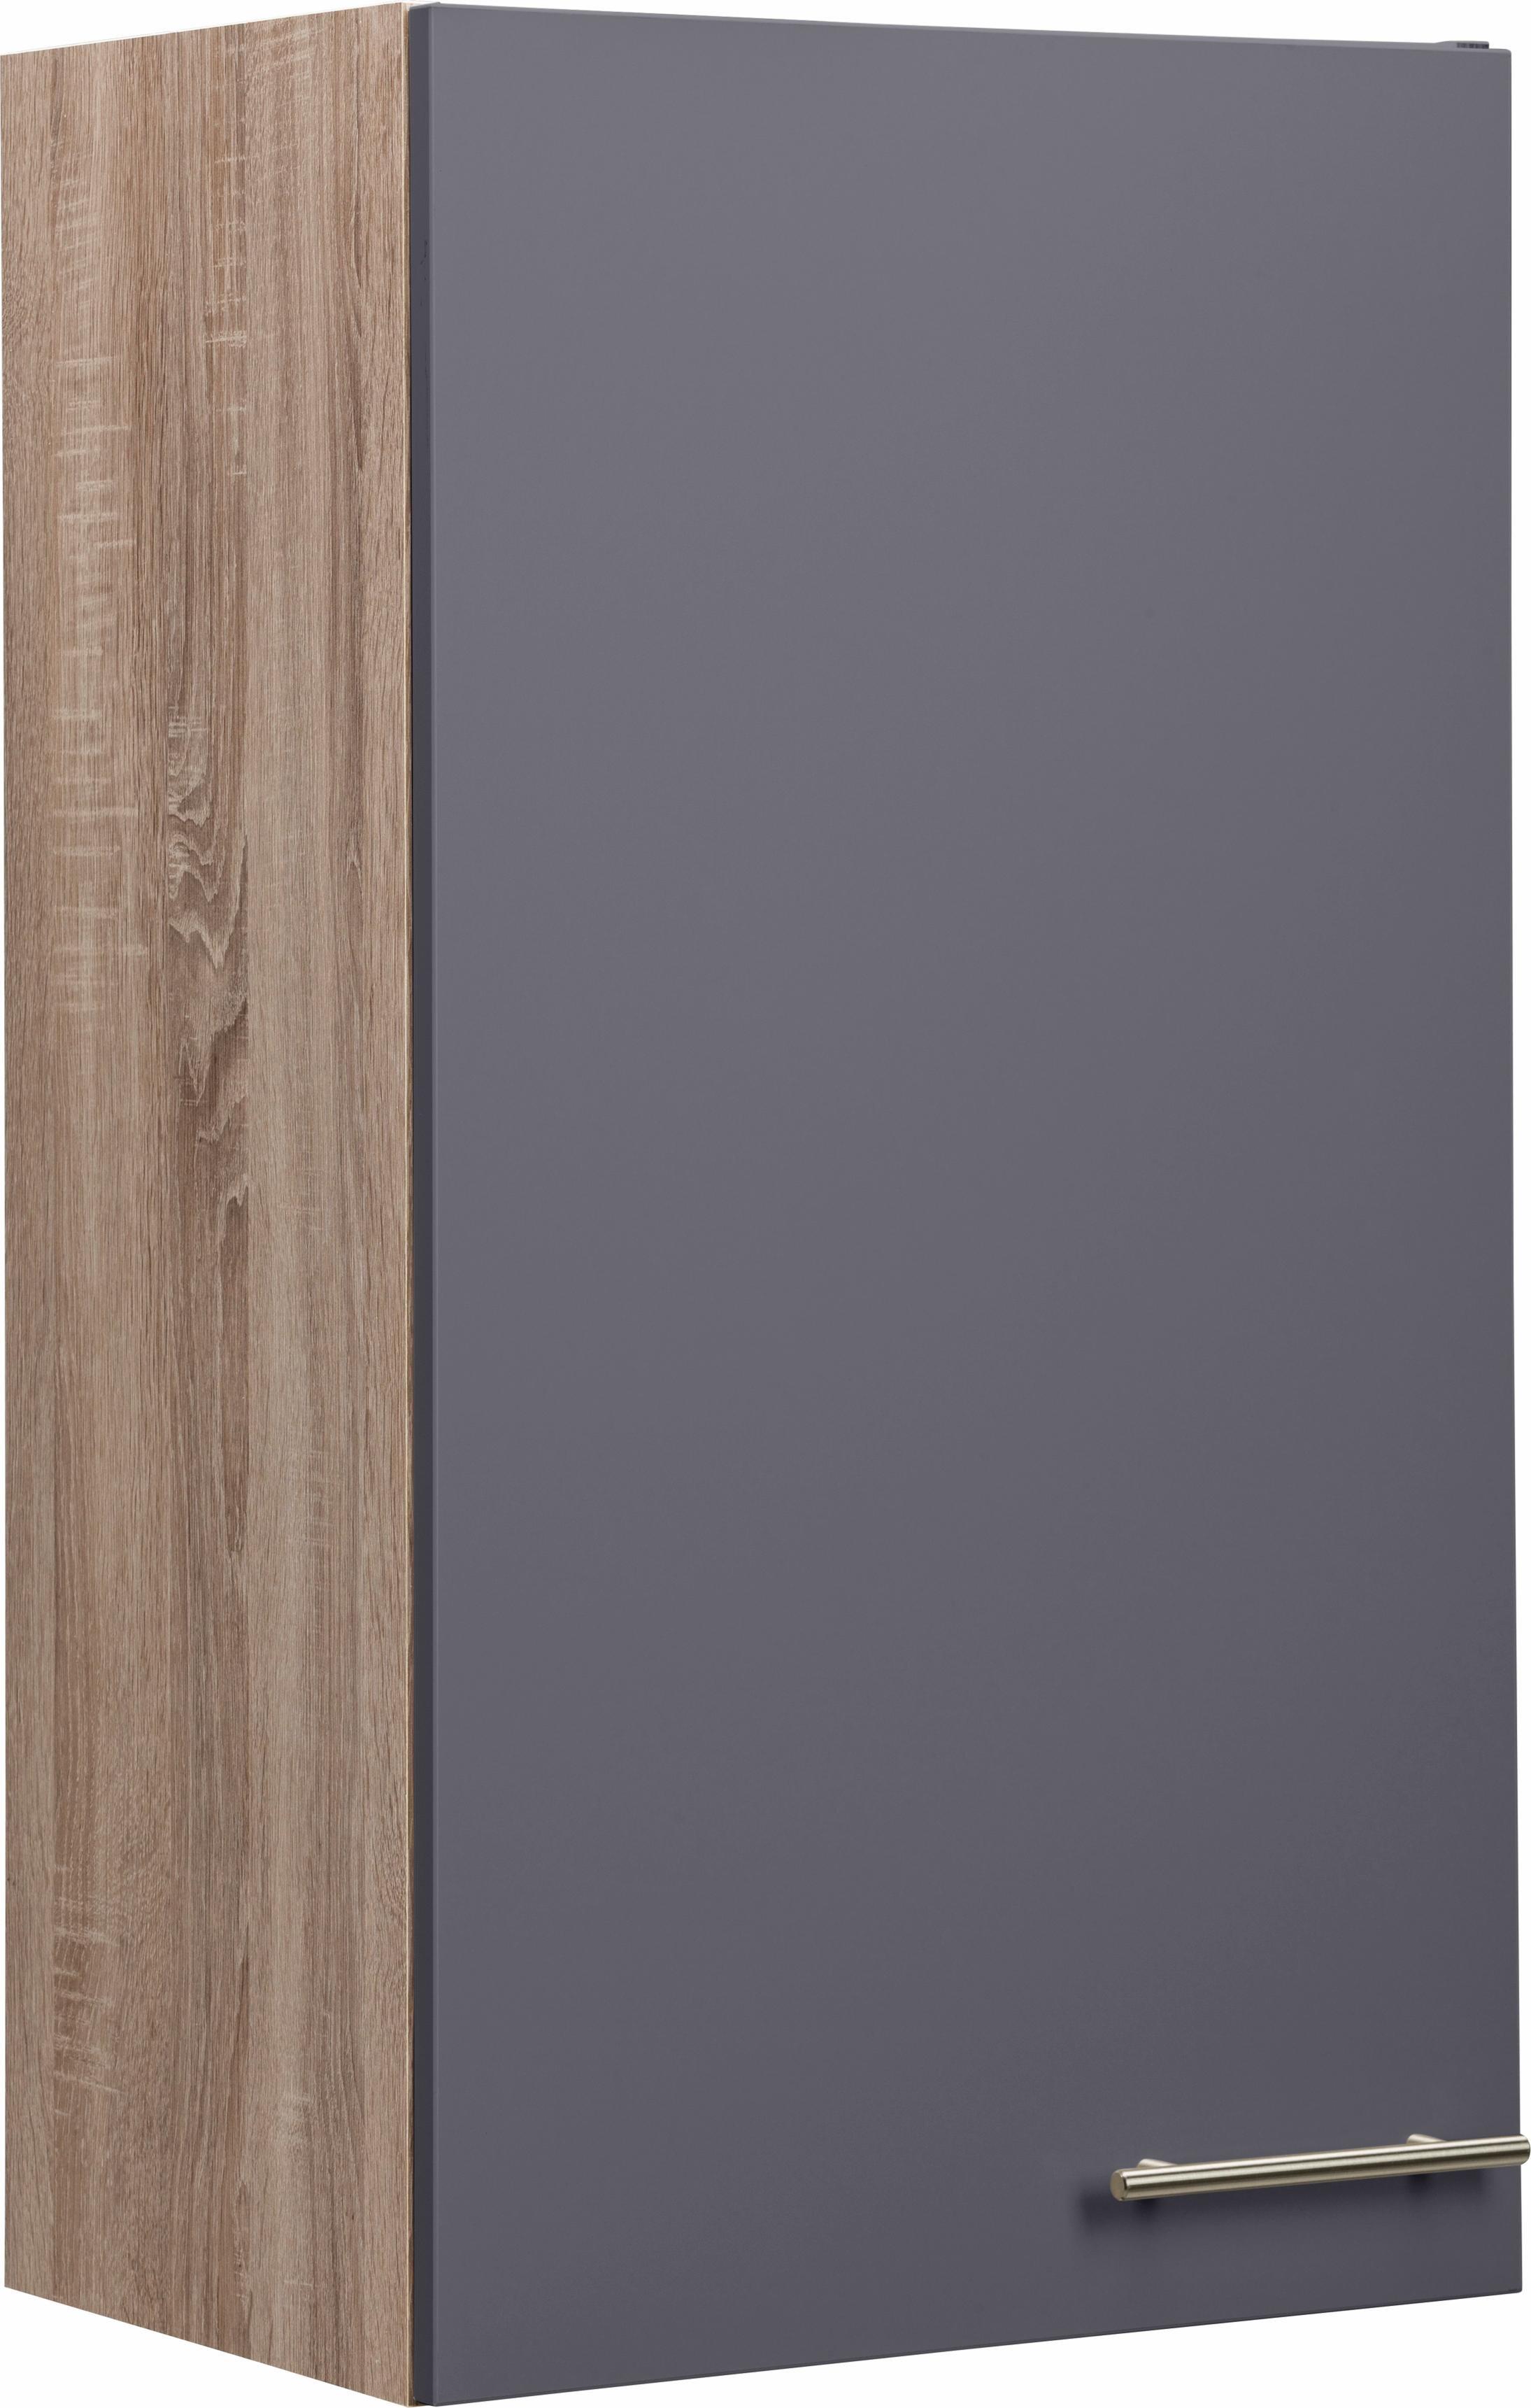 OPTIFIT Hängeschrank »Korfu«, Breite 50 cm | Wohnzimmer > Schränke > Weitere Schränke | Creme - Sand | Eiche - Edelstahl - Melamin | OPTIFIT